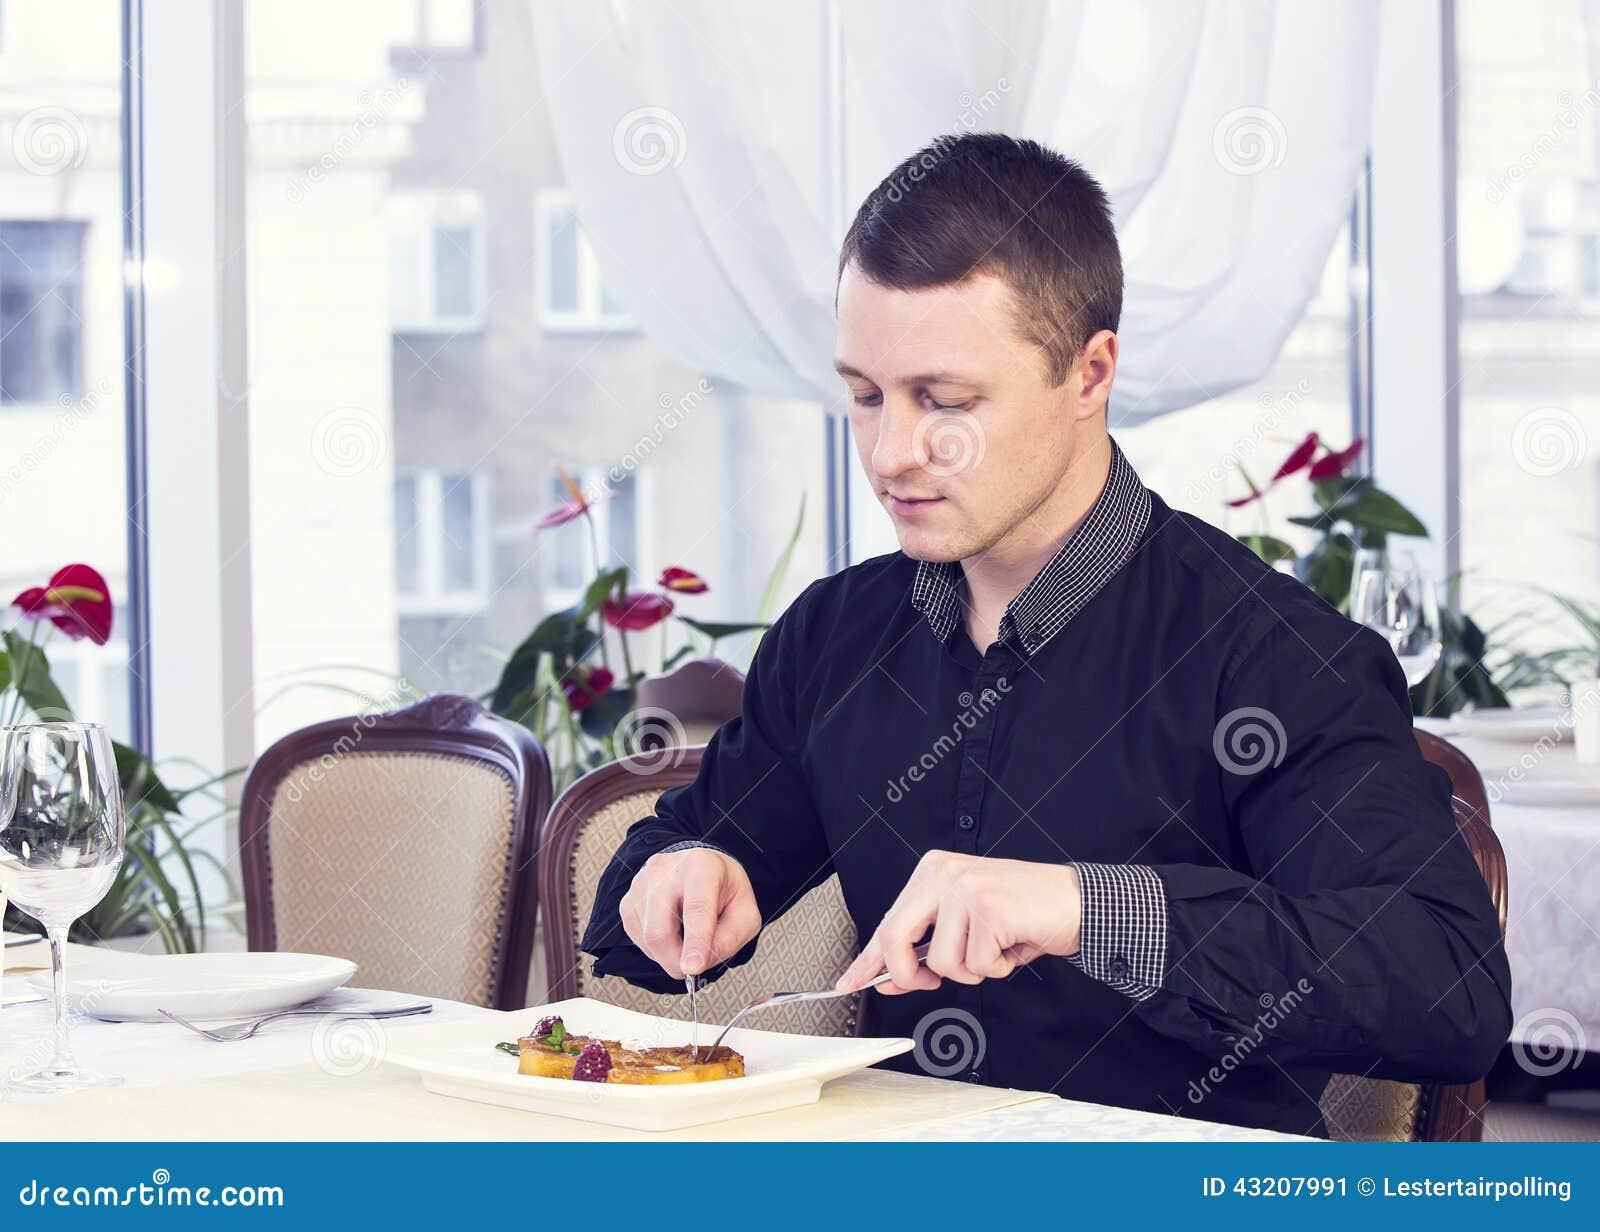 Download Den Unga Mannen äter Middag Fotografering för Bildbyråer - Bild av smak, tillfälle: 43207991